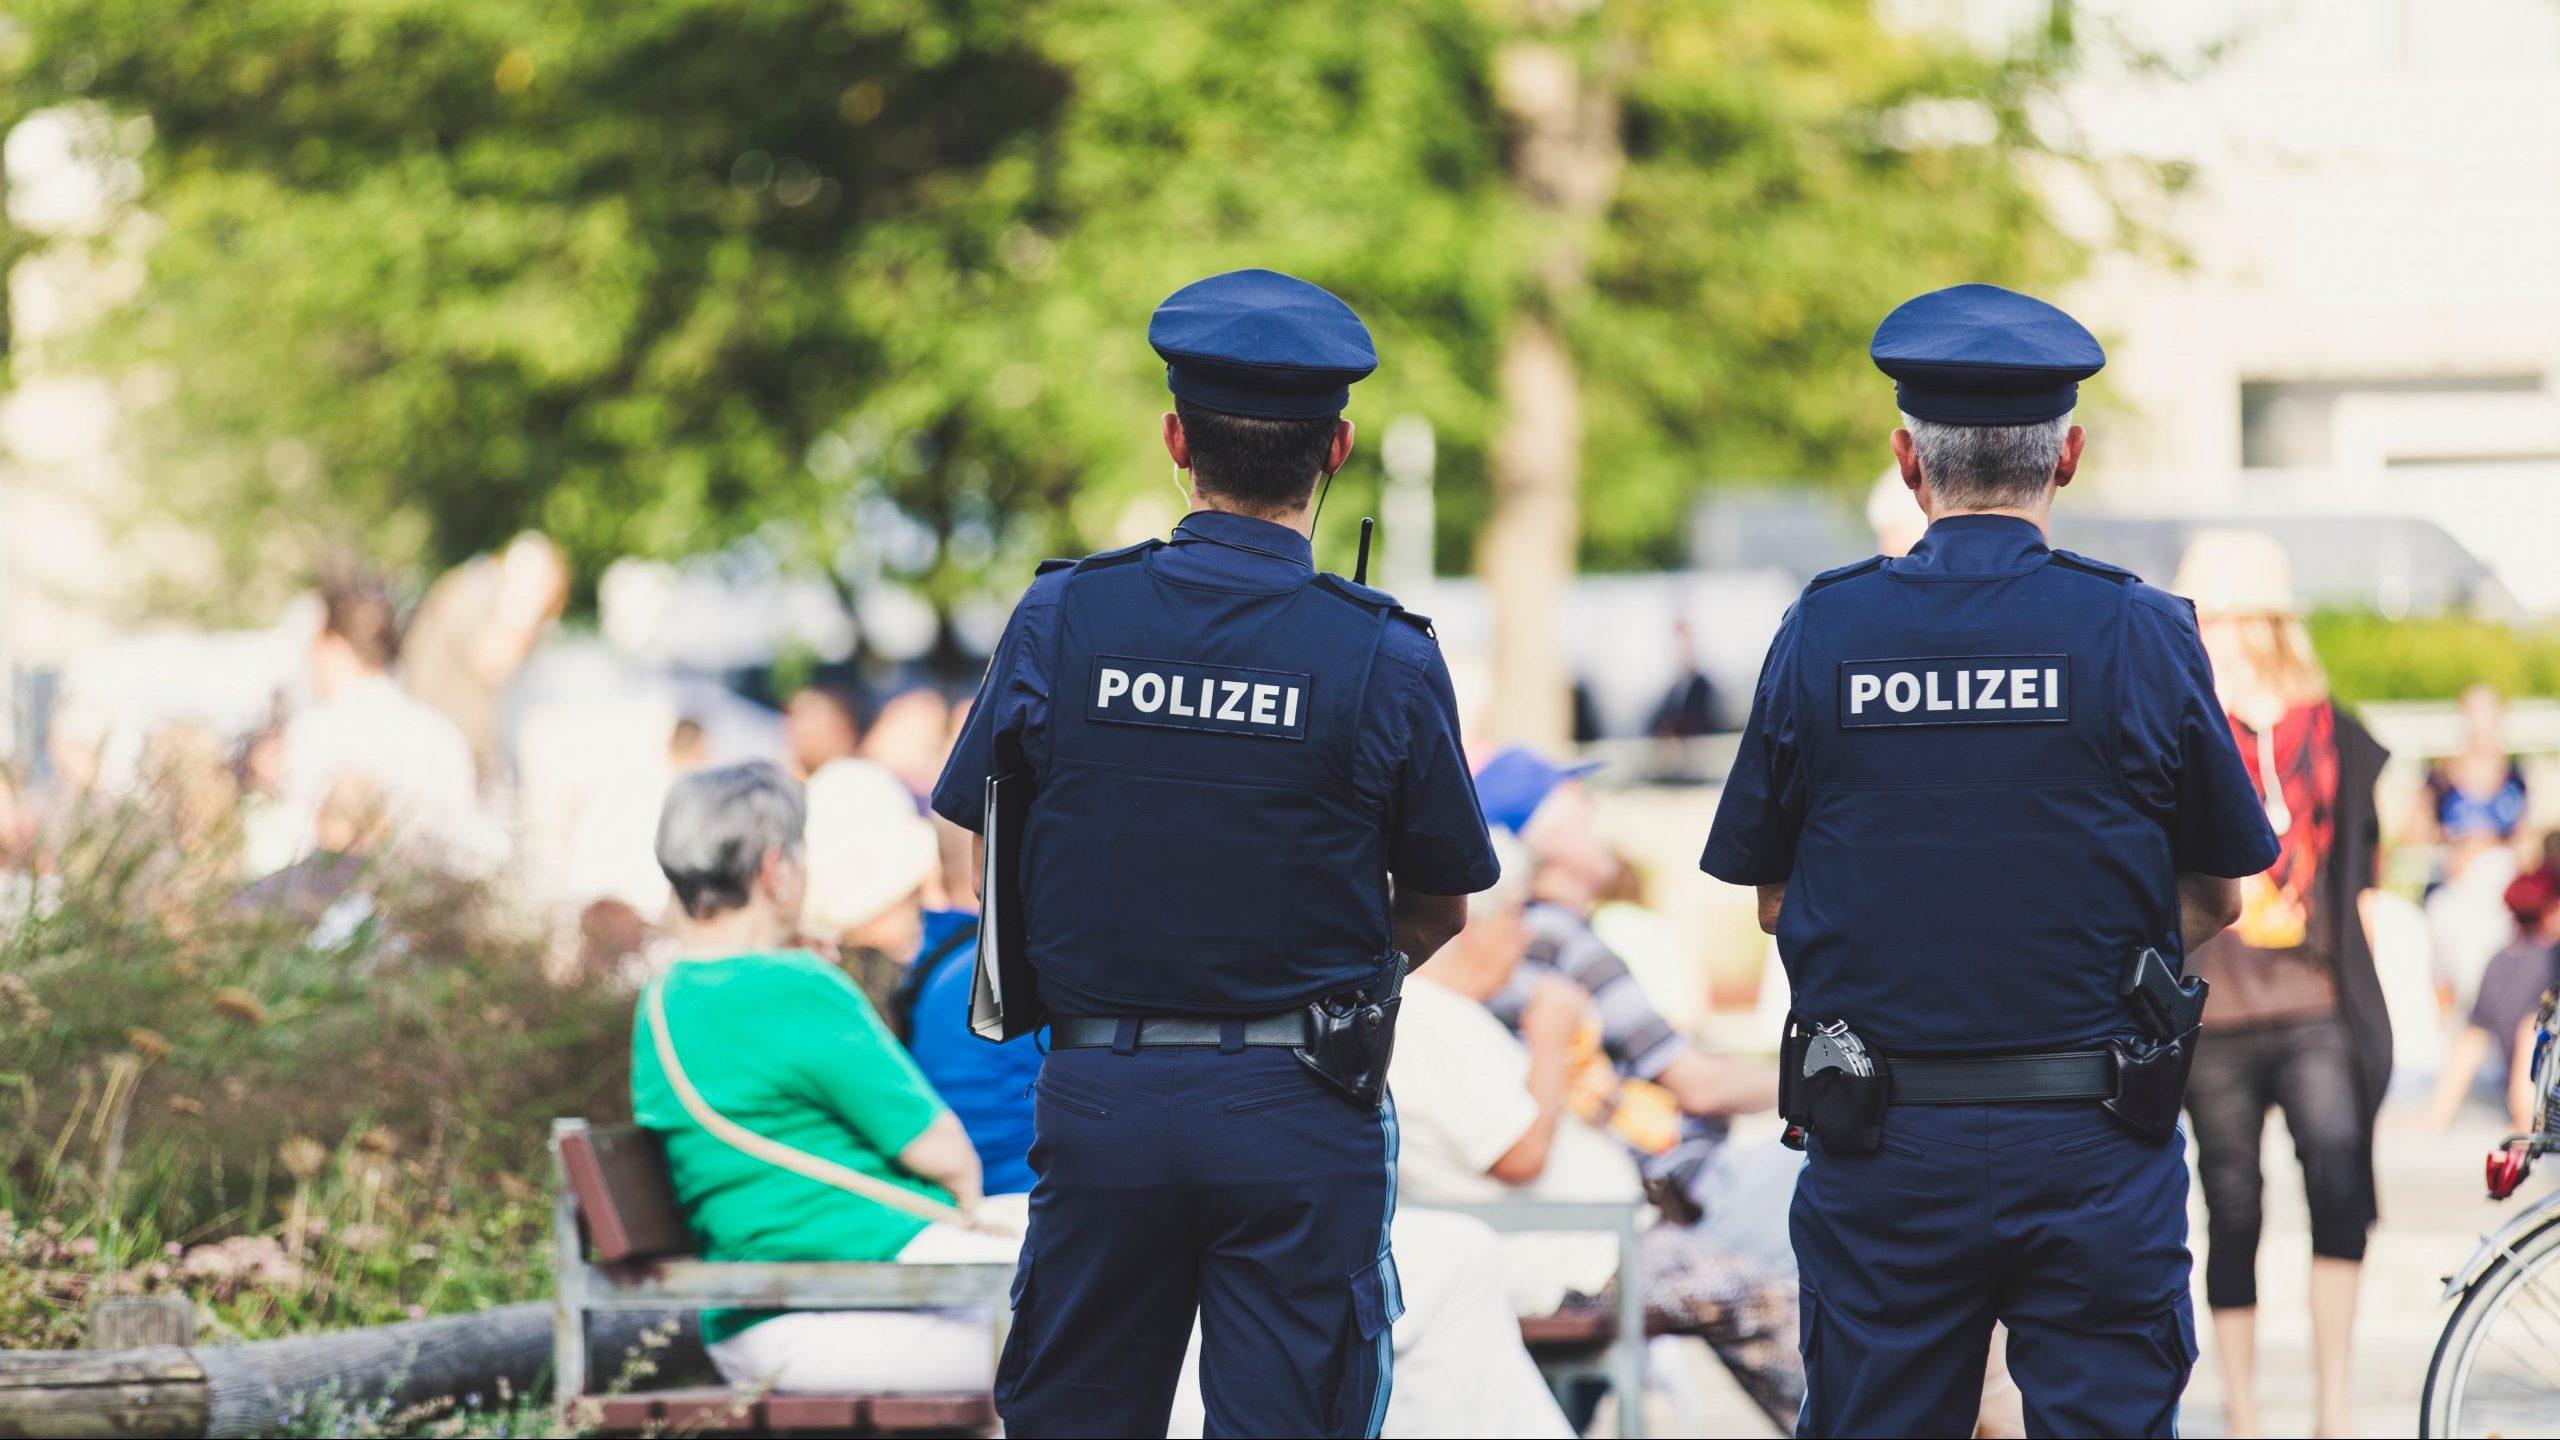 polizei frau muschi